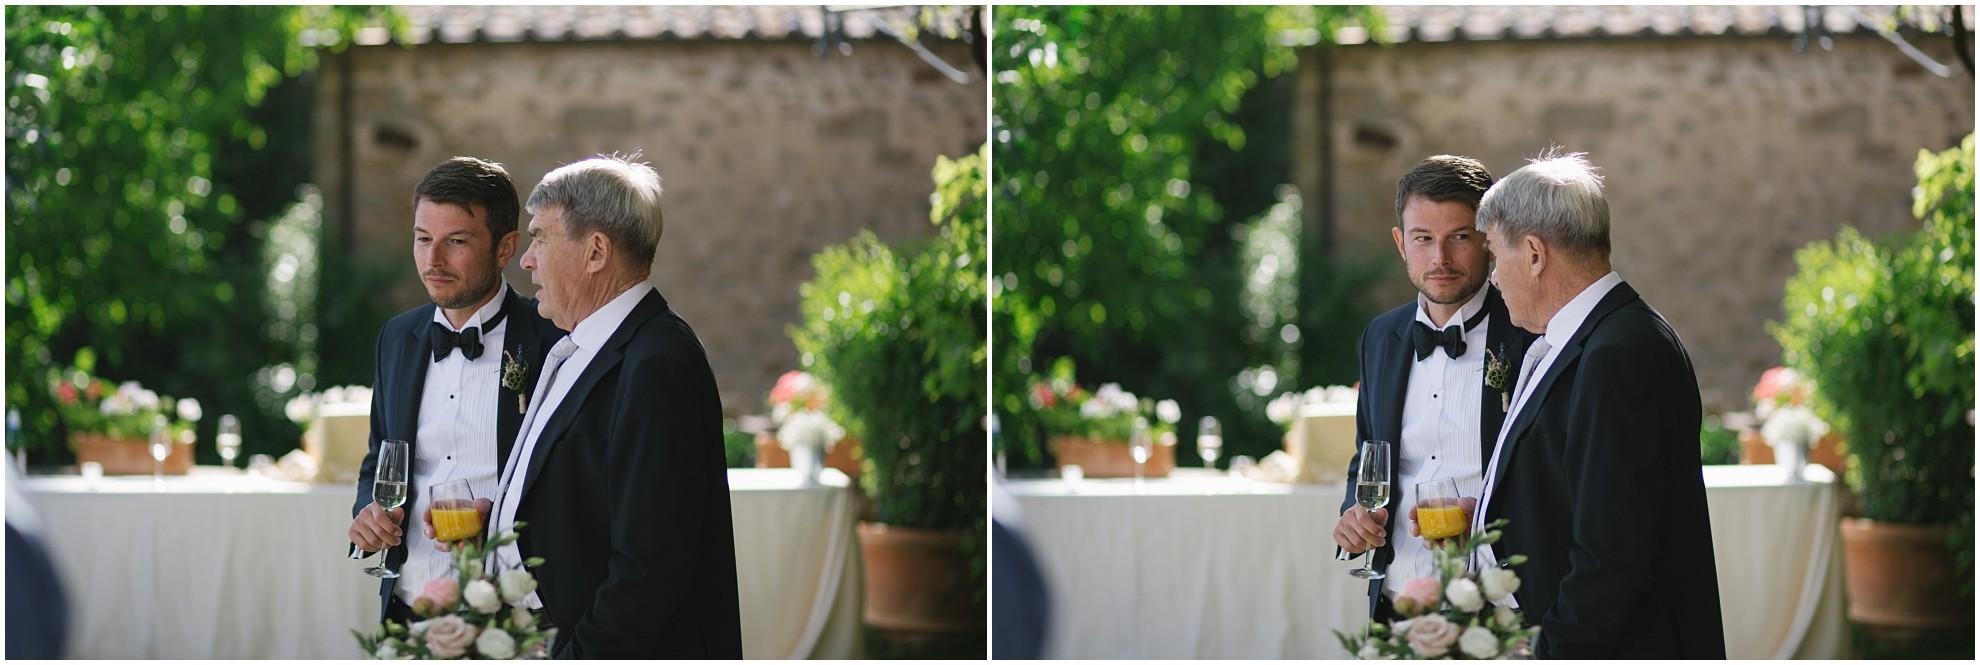 tuscany-wedding-photographer-068